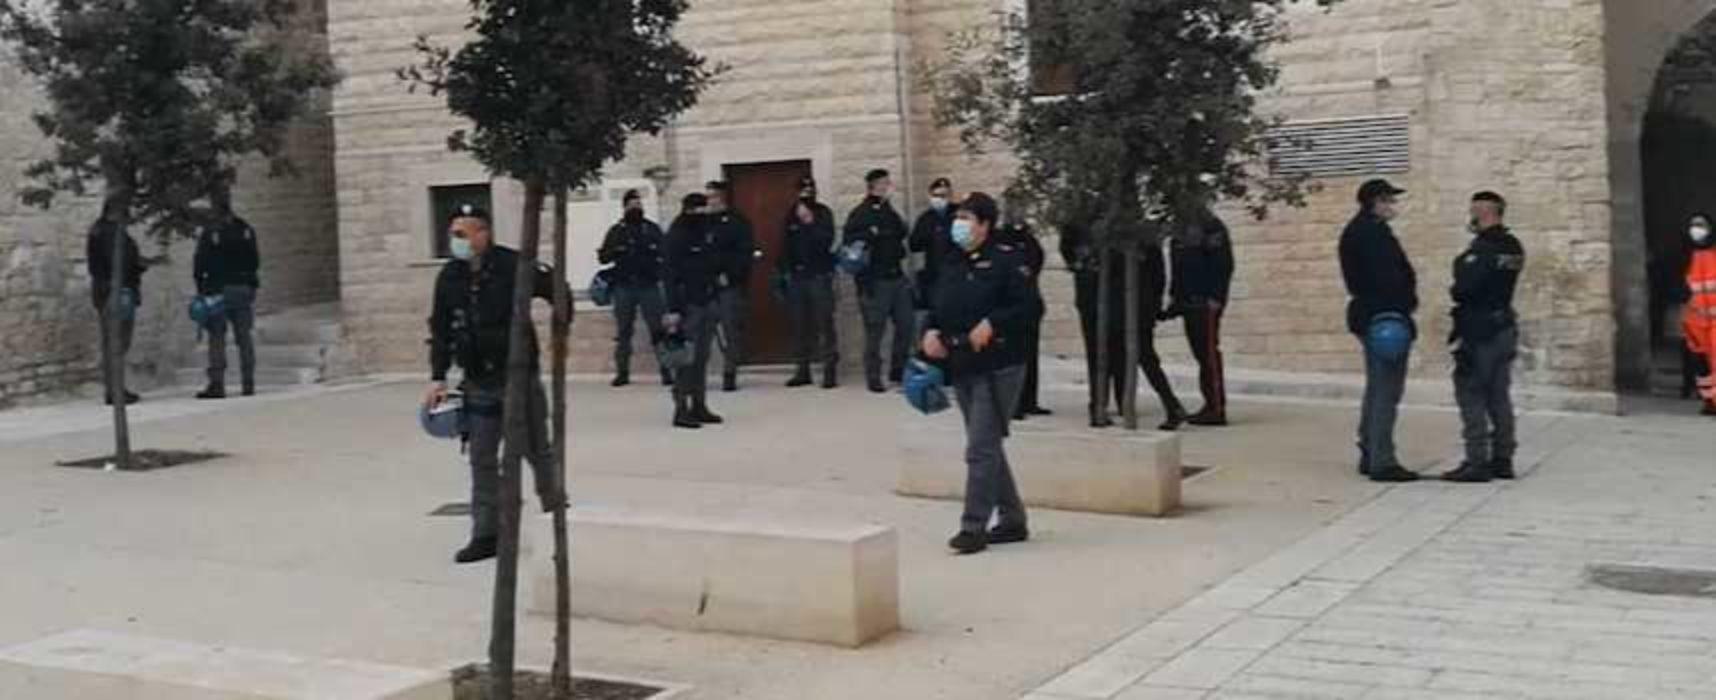 Centro storico, completata operazione di sgombero immobili occupati / VIDEO